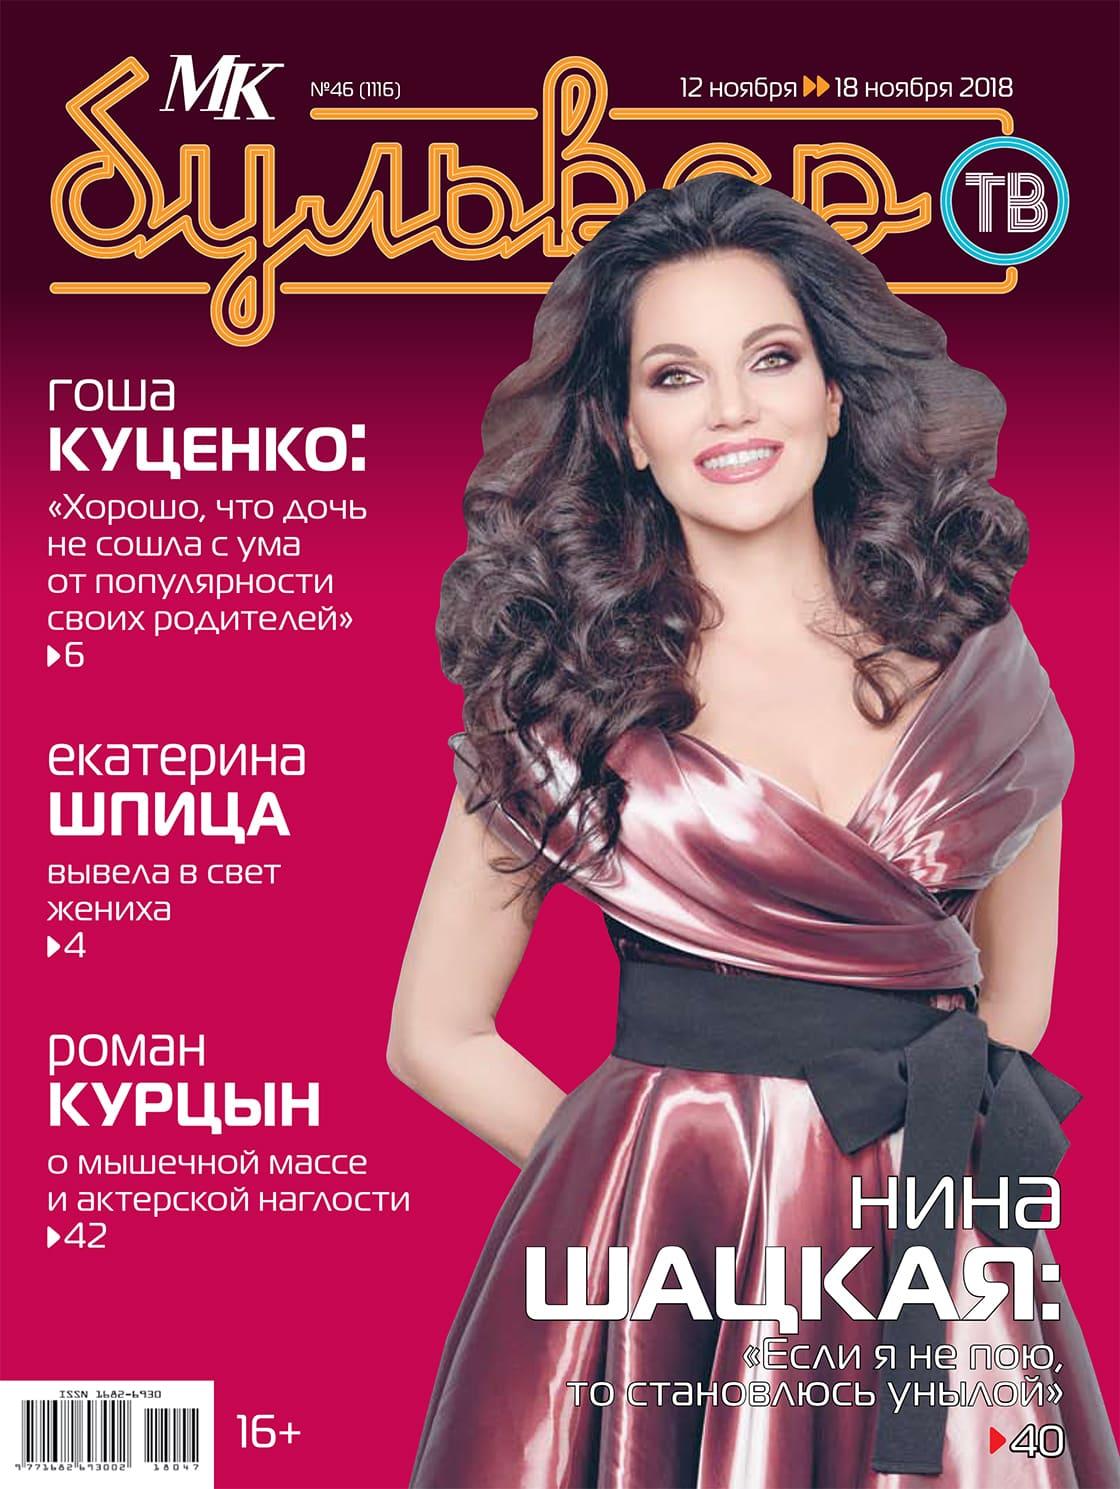 Нина Шацкая на обложке журнала «МК бульвар»